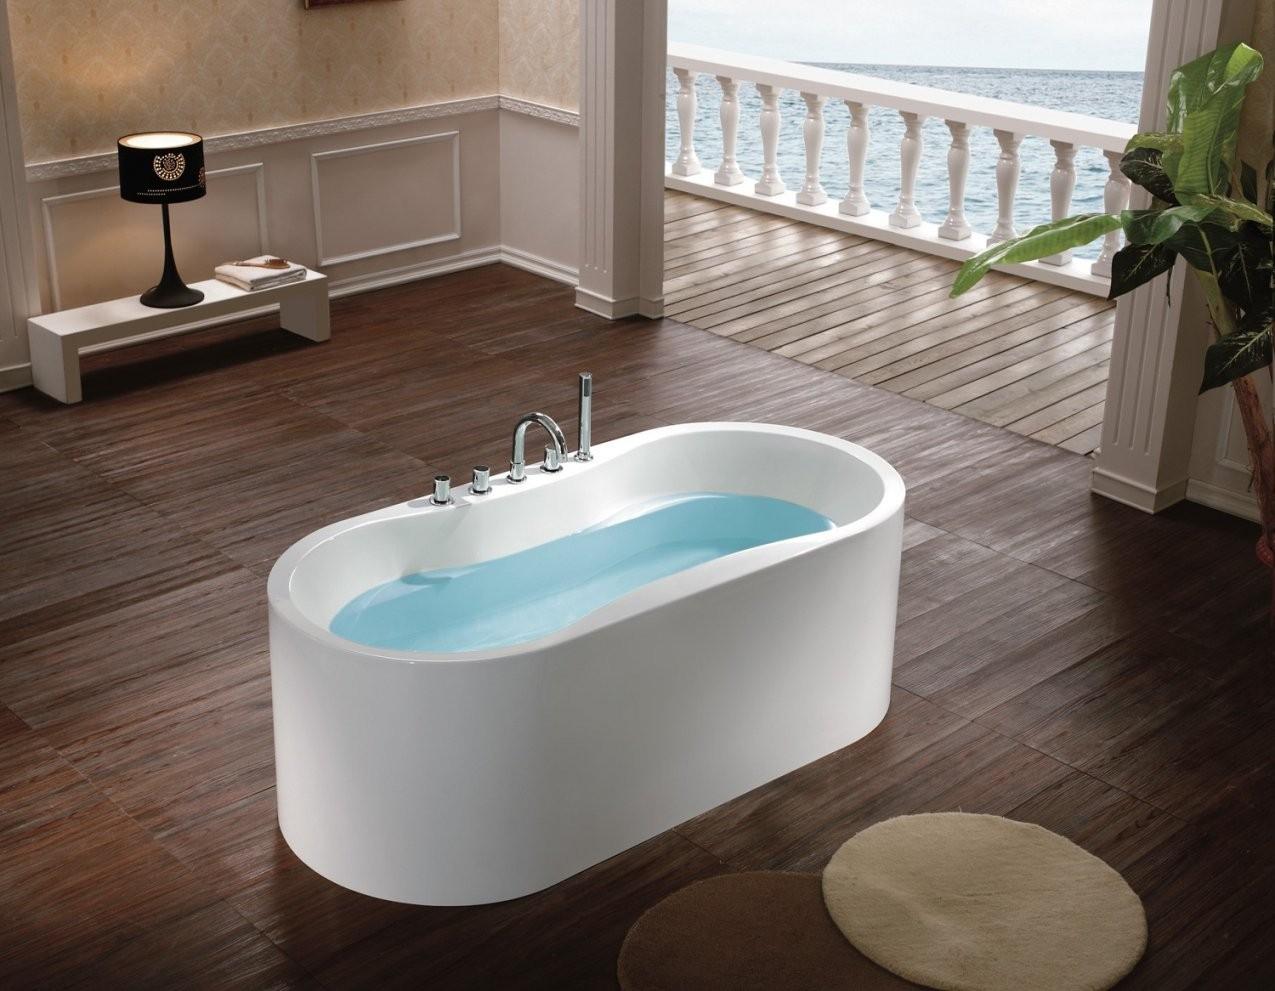 Badewanne Freistehend Günstig Kaufen Badewanne Freistehend Kaufen von Freistehende Acryl Badewanne Günstig Bild